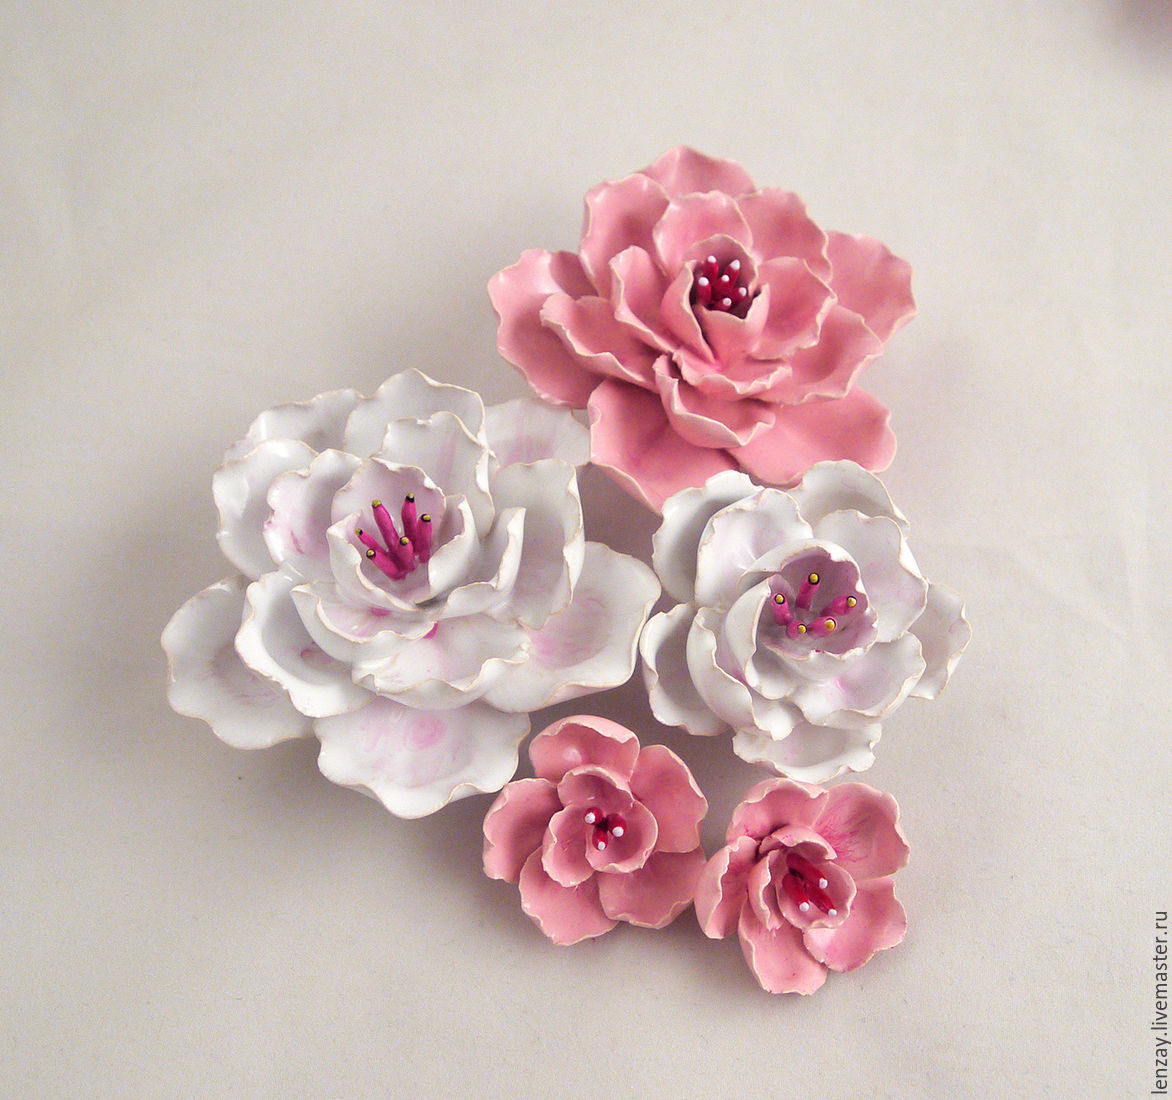 SAKURA. Ceramic flowers Elena Zaichenko